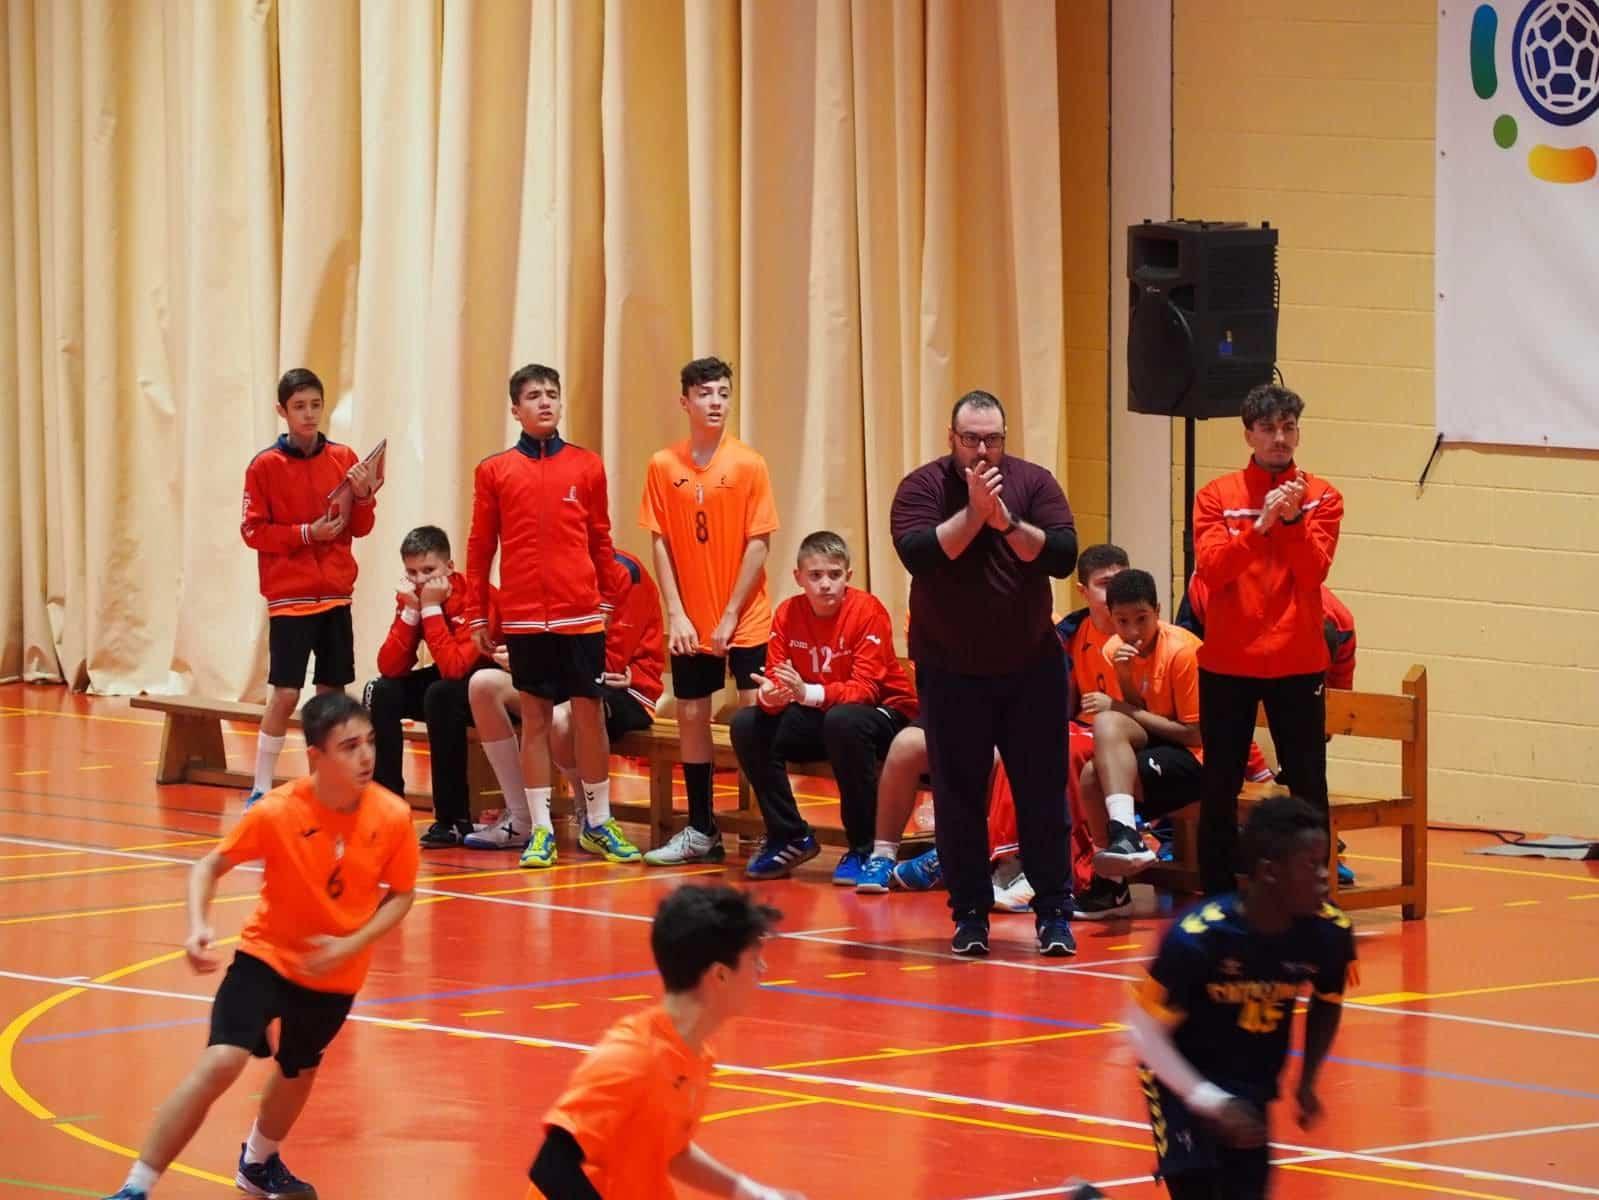 jugando Balonmano Base - Herencia en el Campeonato de España de Balonmano Base